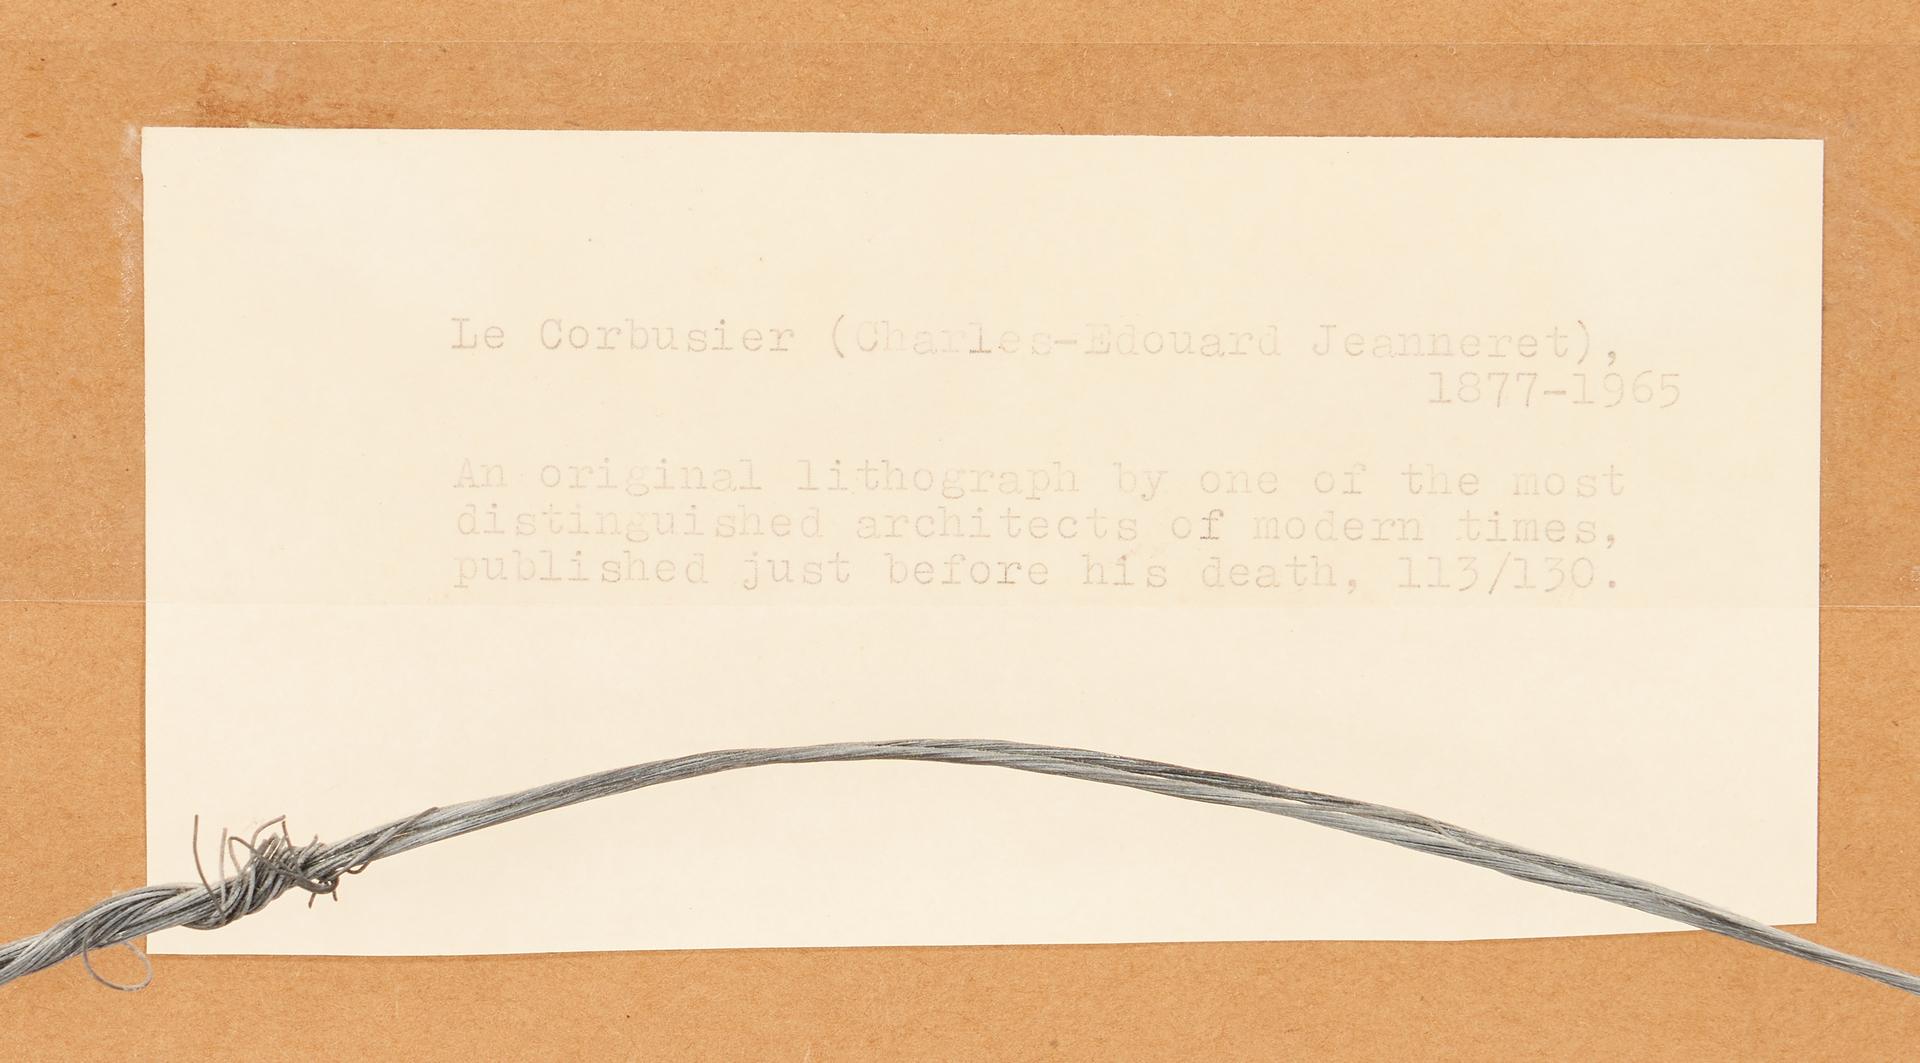 Lot 565: Jeanneret – Le Corbusier etching, Unite, Plate 13